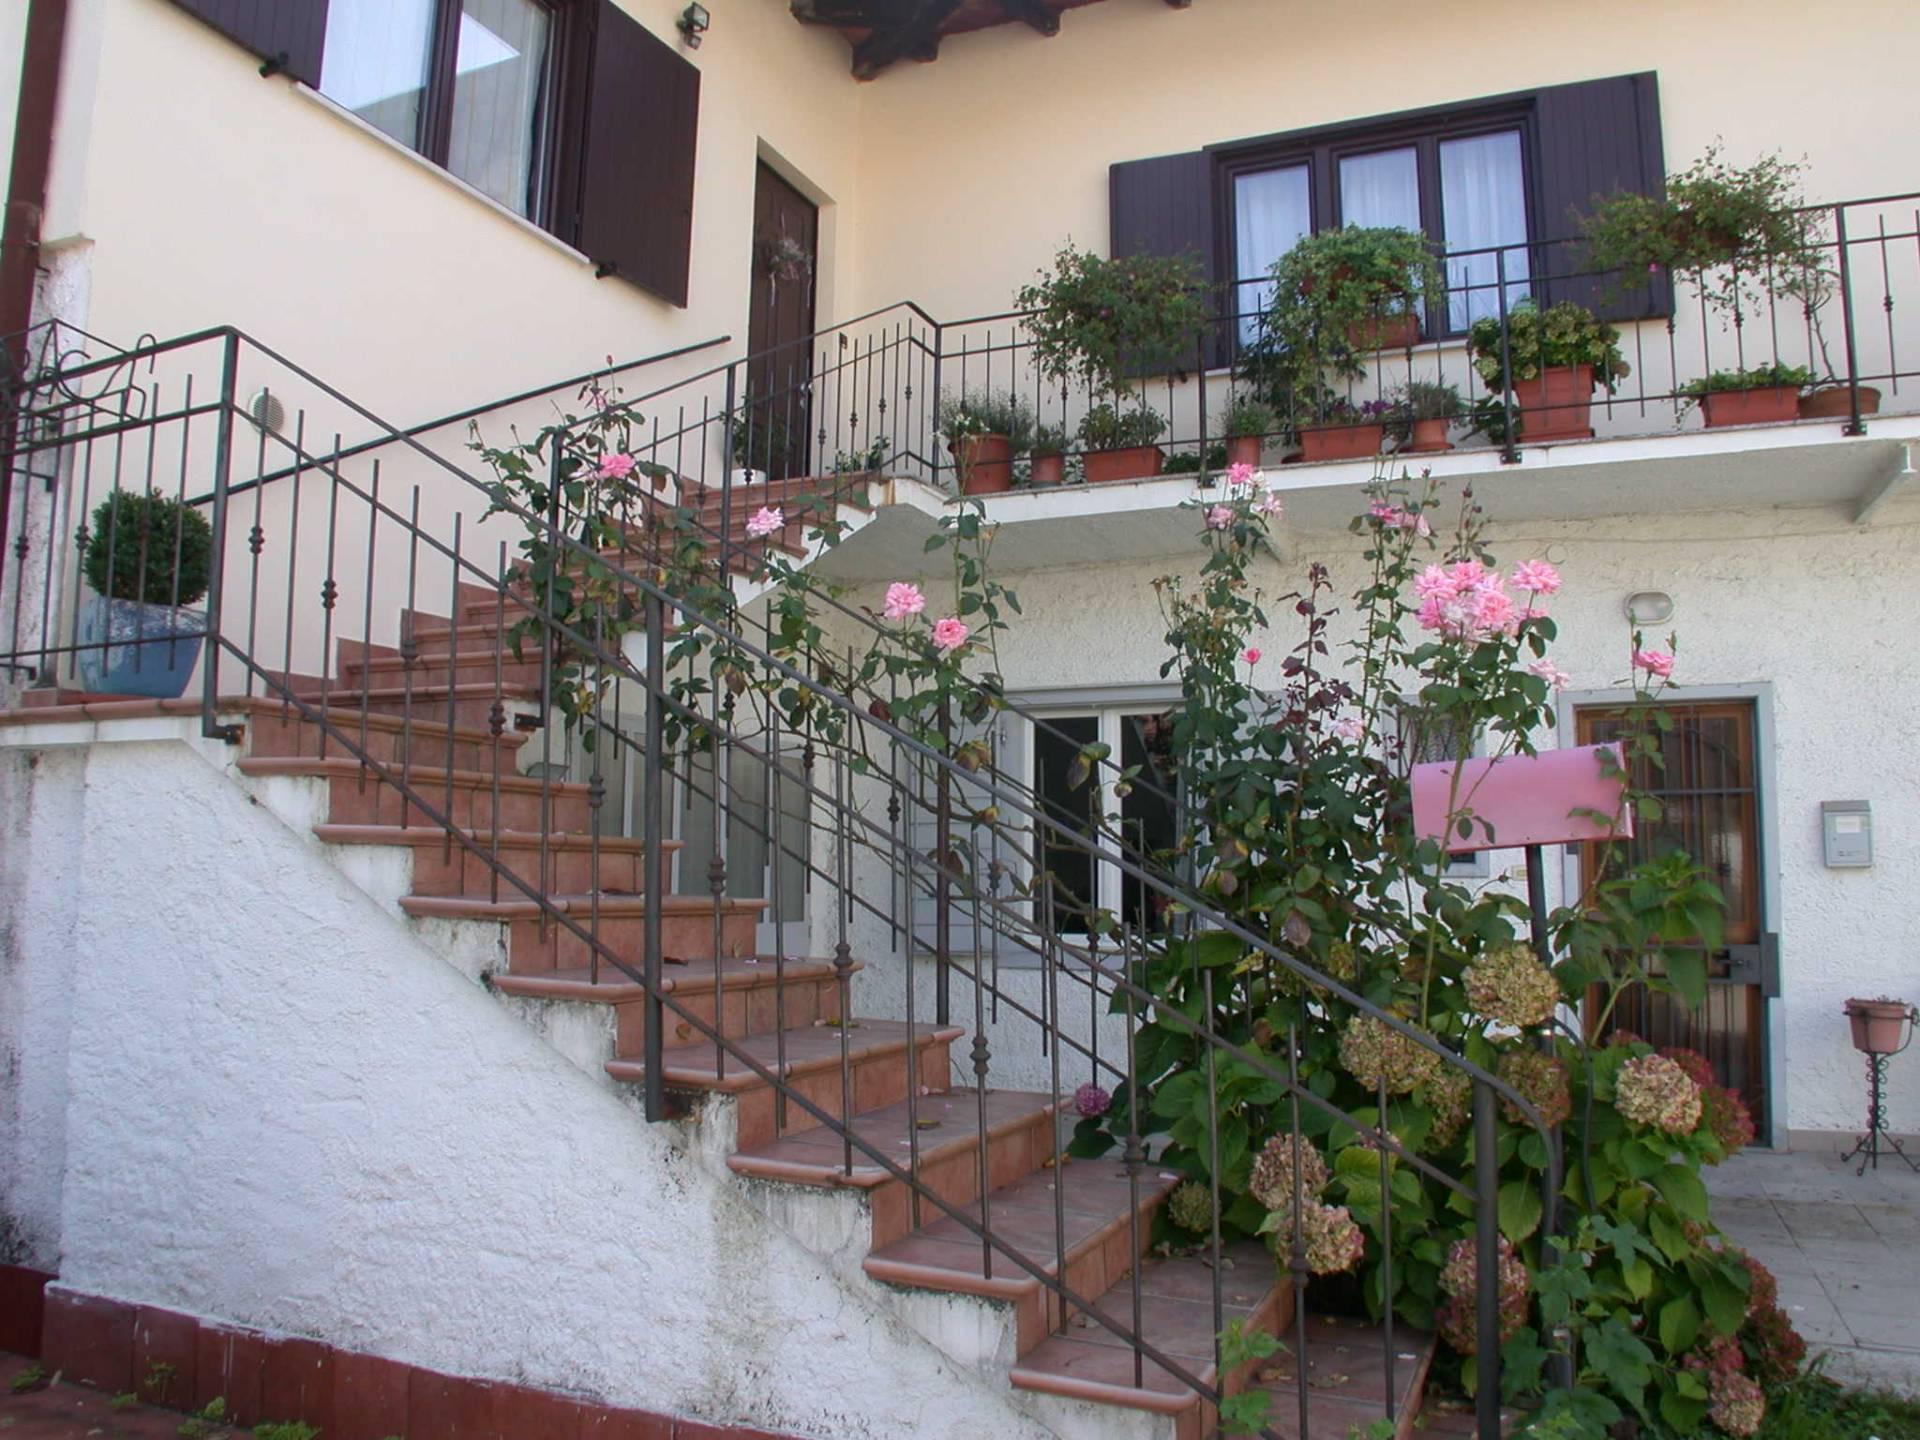 Appartamento in vendita a Gorizia, 5 locali, zona Zona: Lucinico, prezzo € 104.000 | Cambio Casa.it